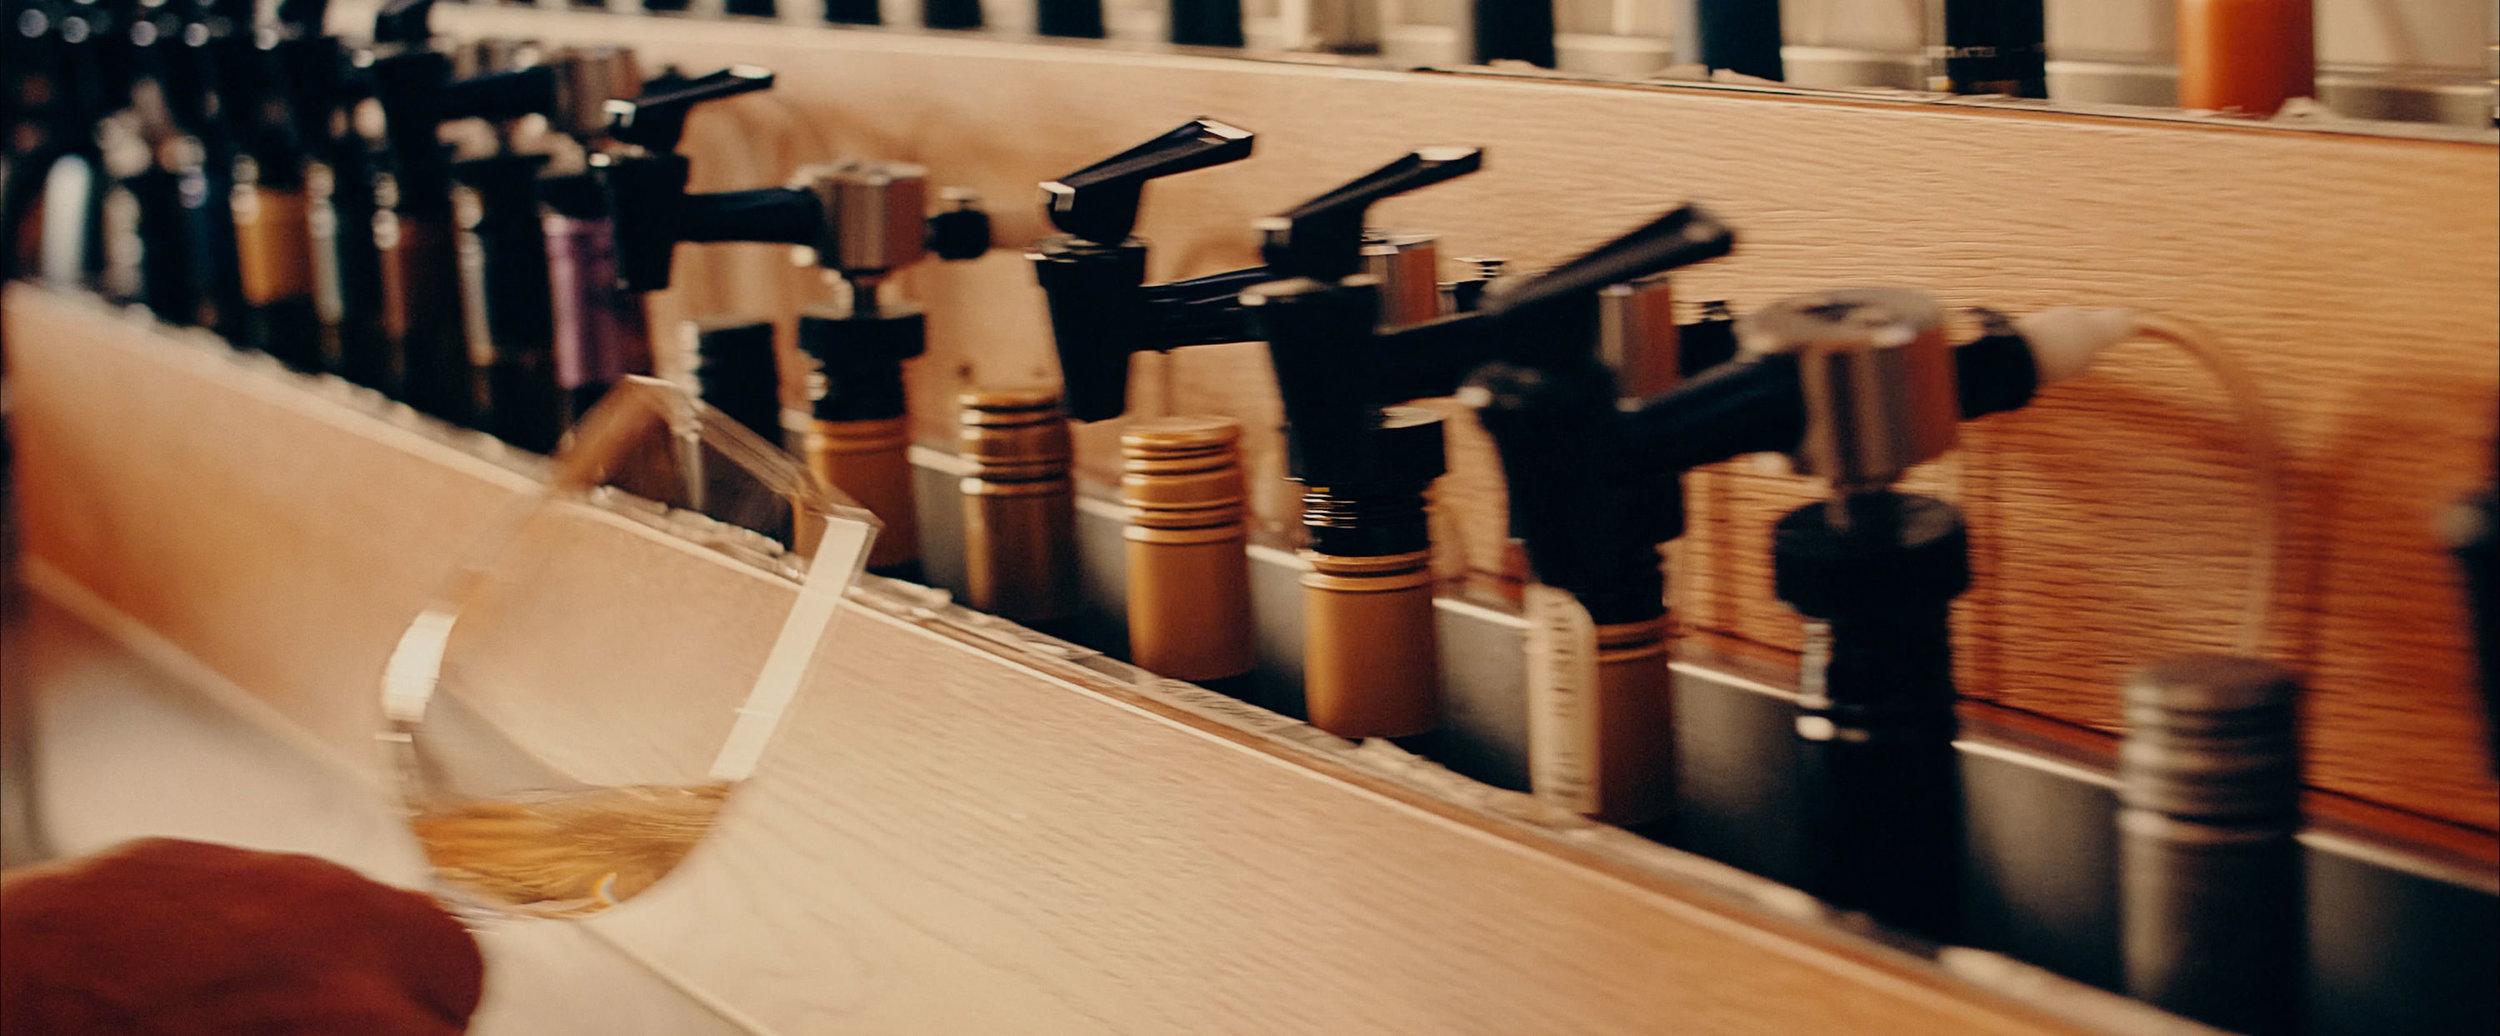 NRDA Frames-7.jpg